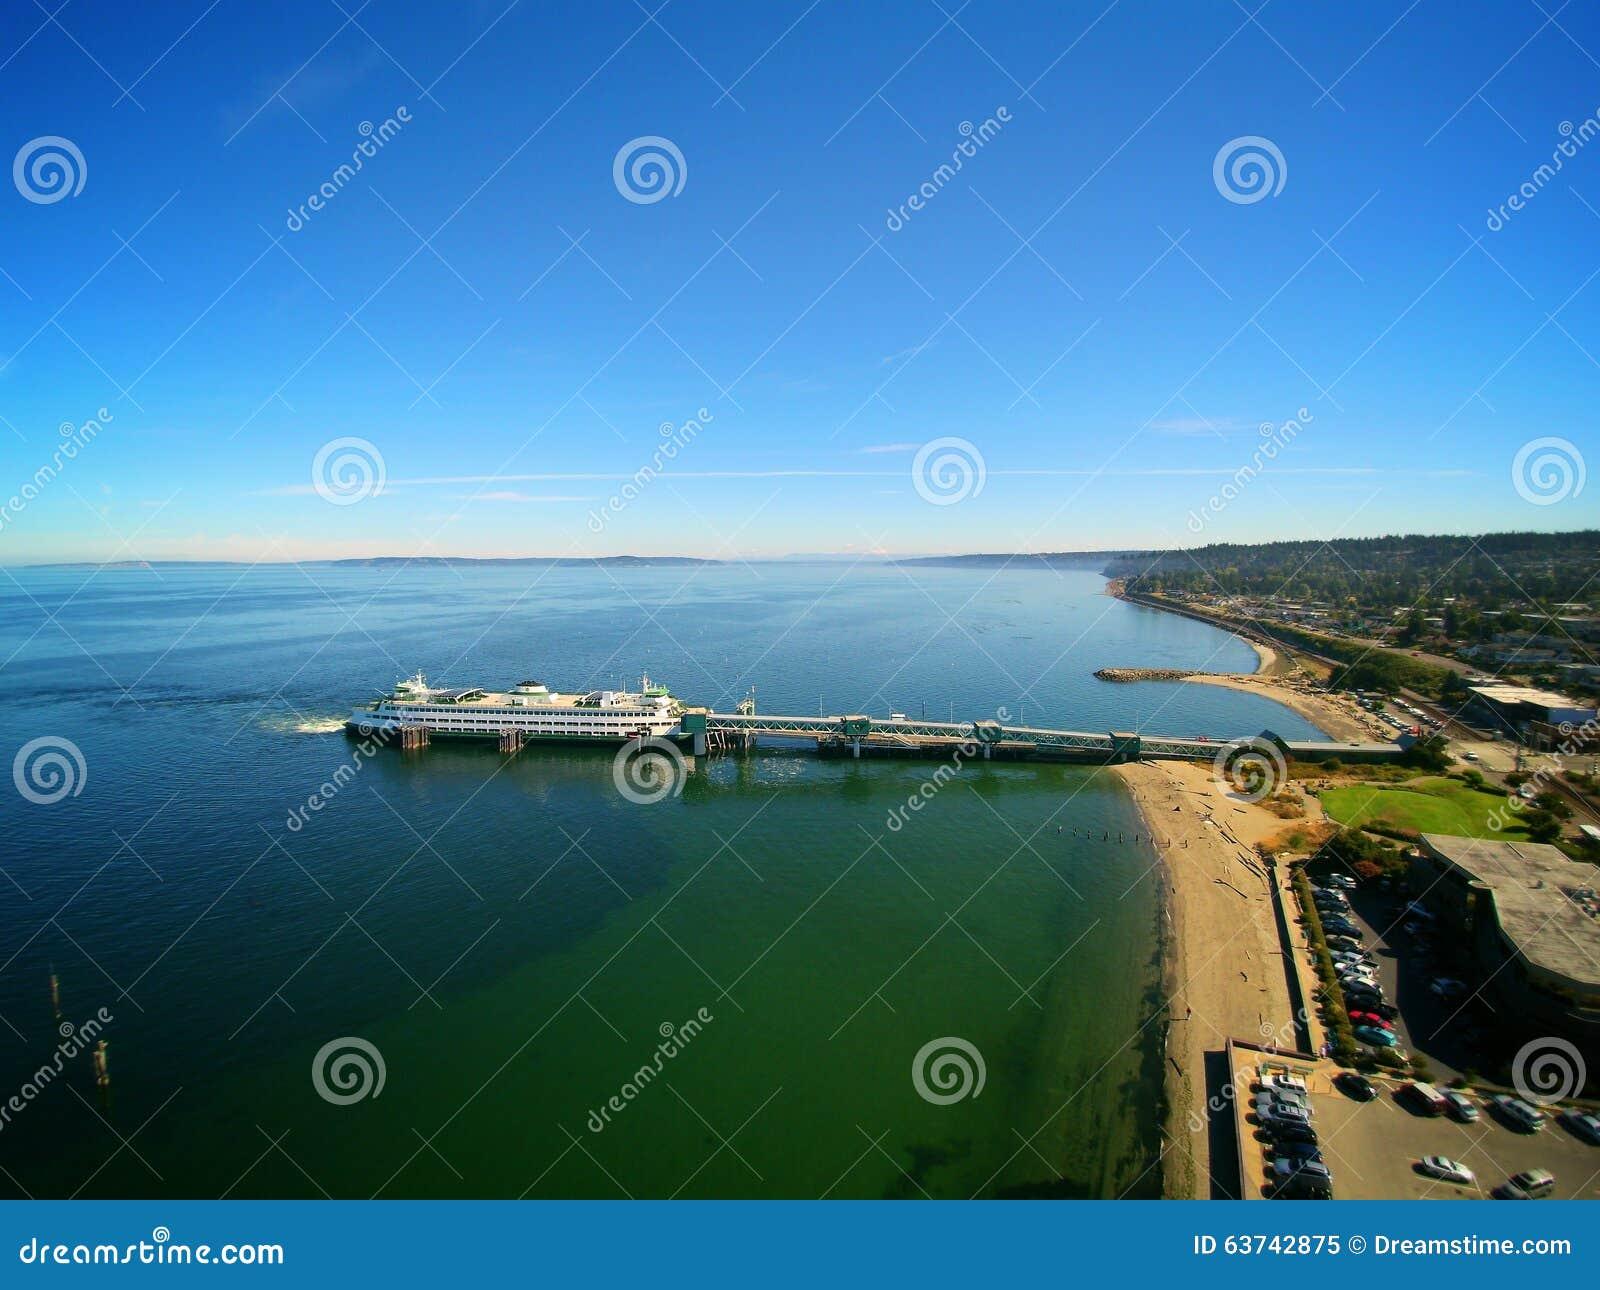 Ferry Docked in Edmonds Washington